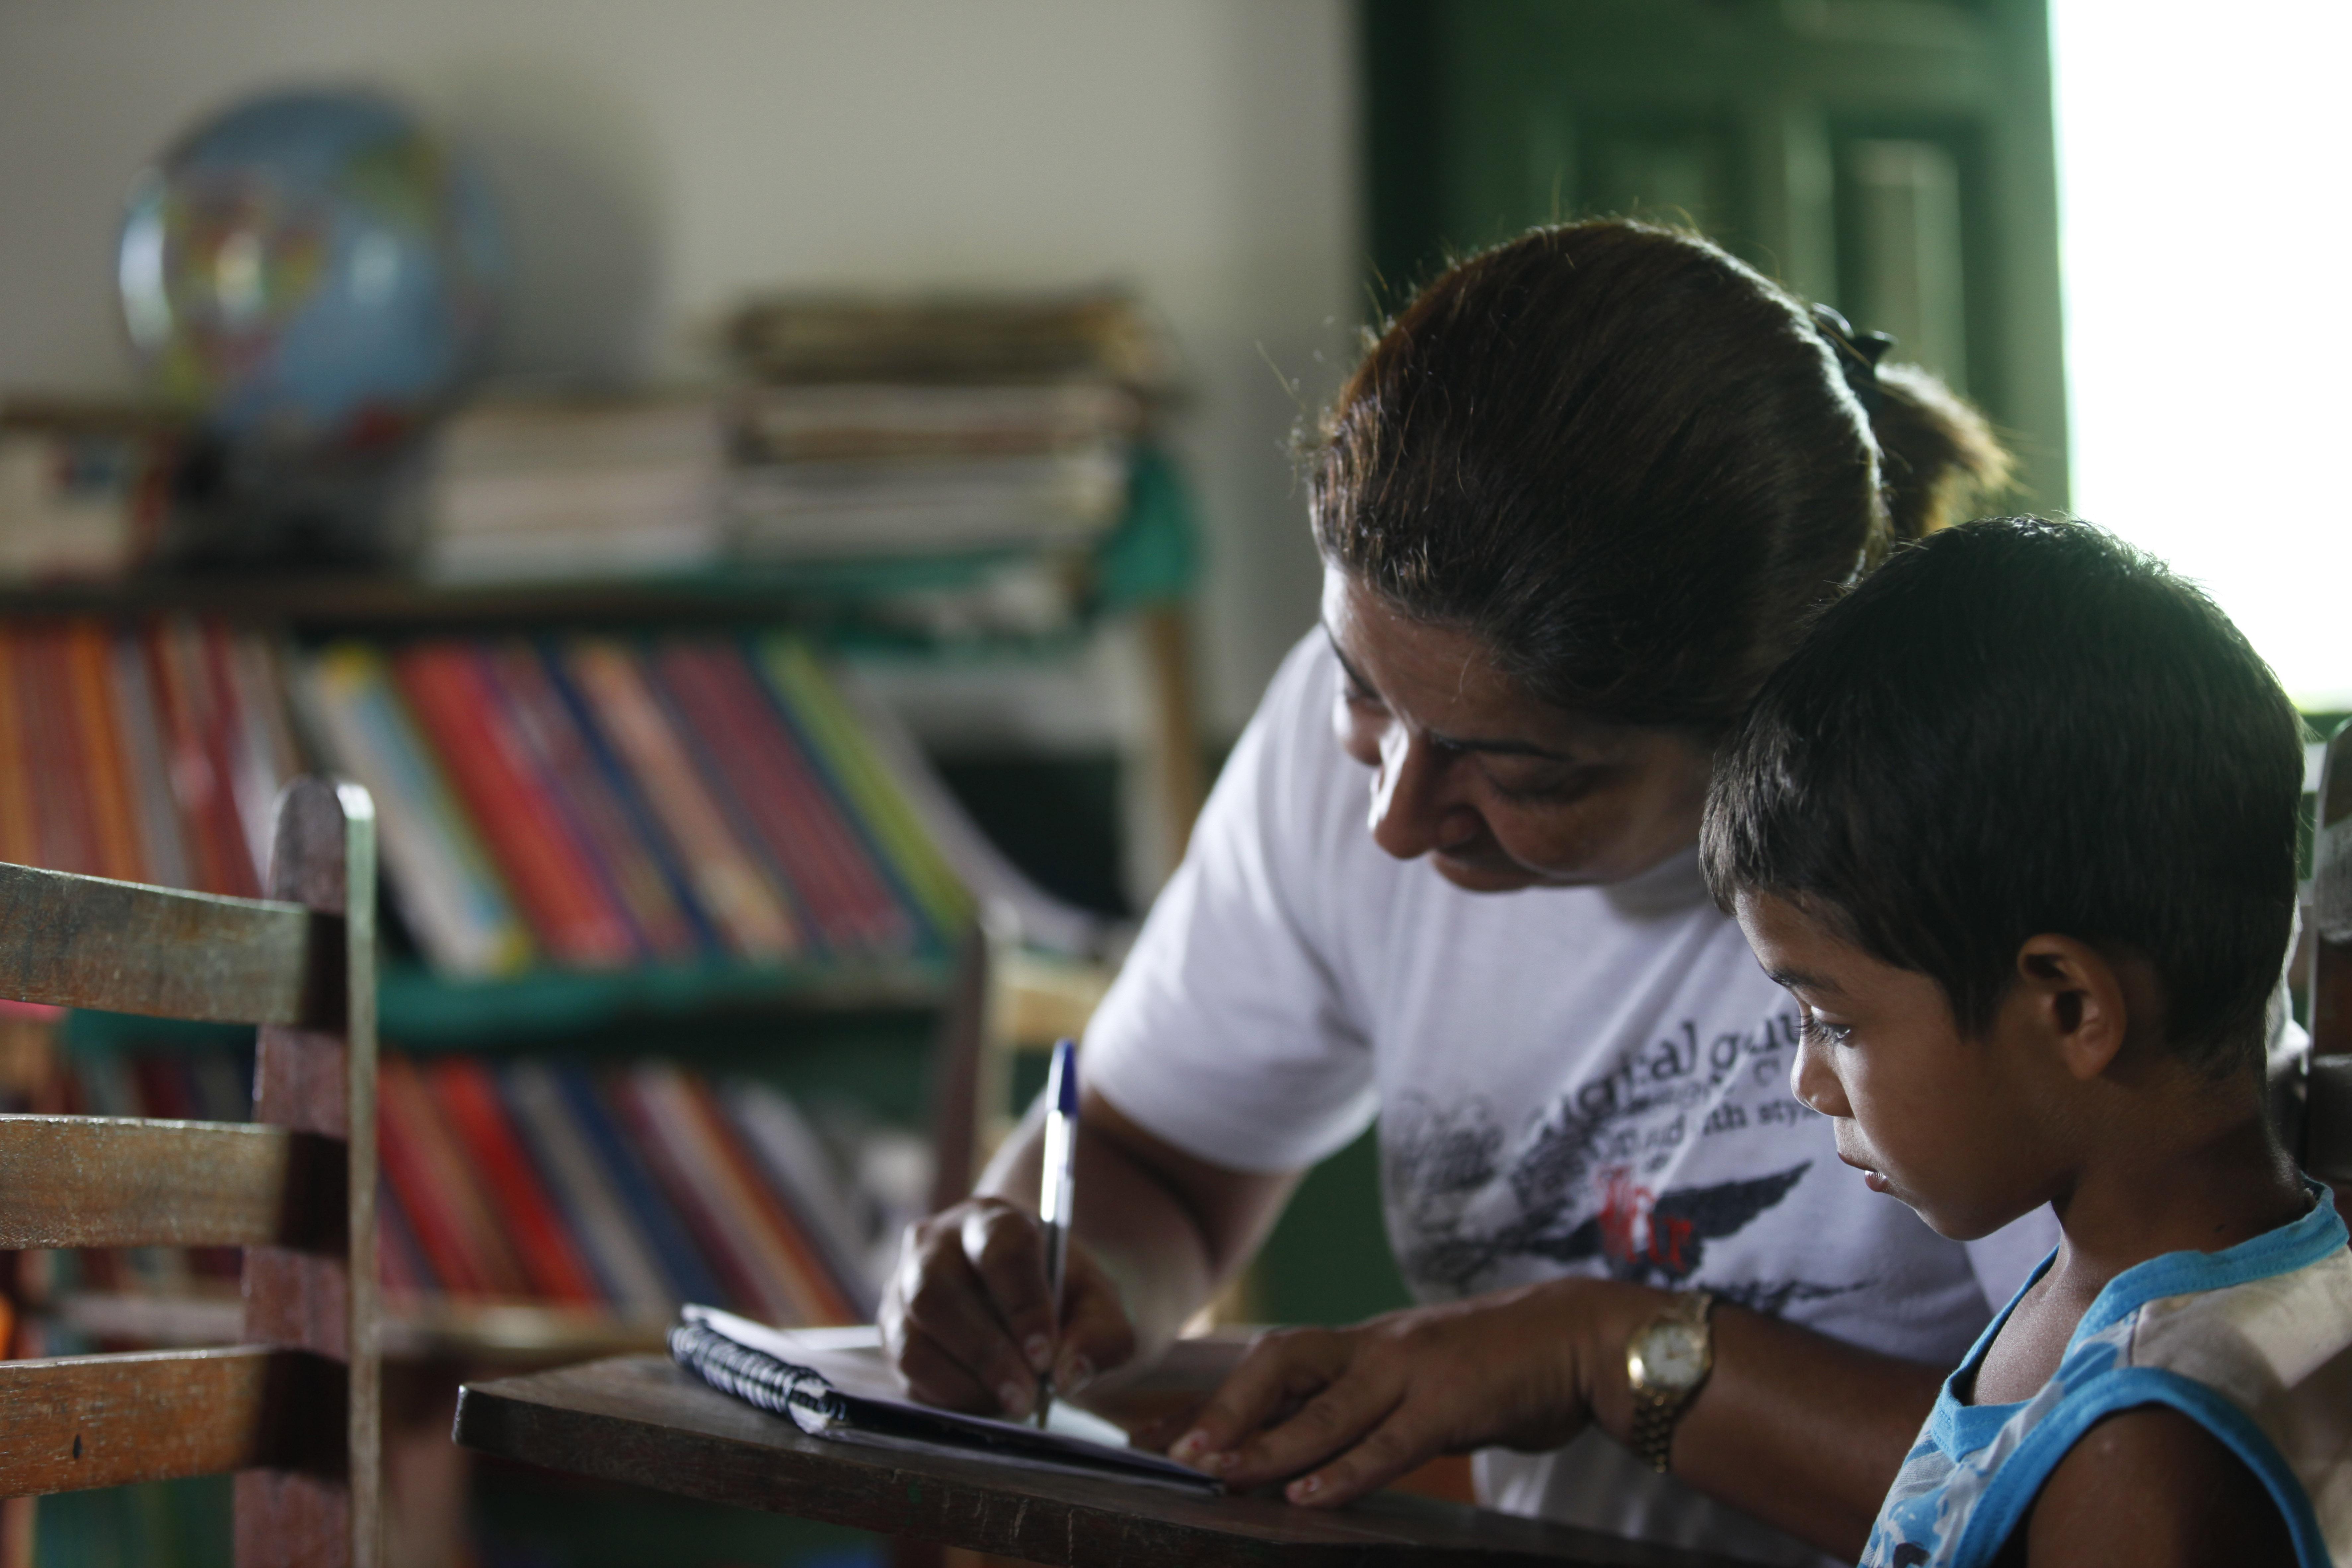 Imagen de la noticia Construyendo un mundo más justo y sostenible con la EPD. programa de formación y banco de recursos on-line para agentes andaluces de la EPD